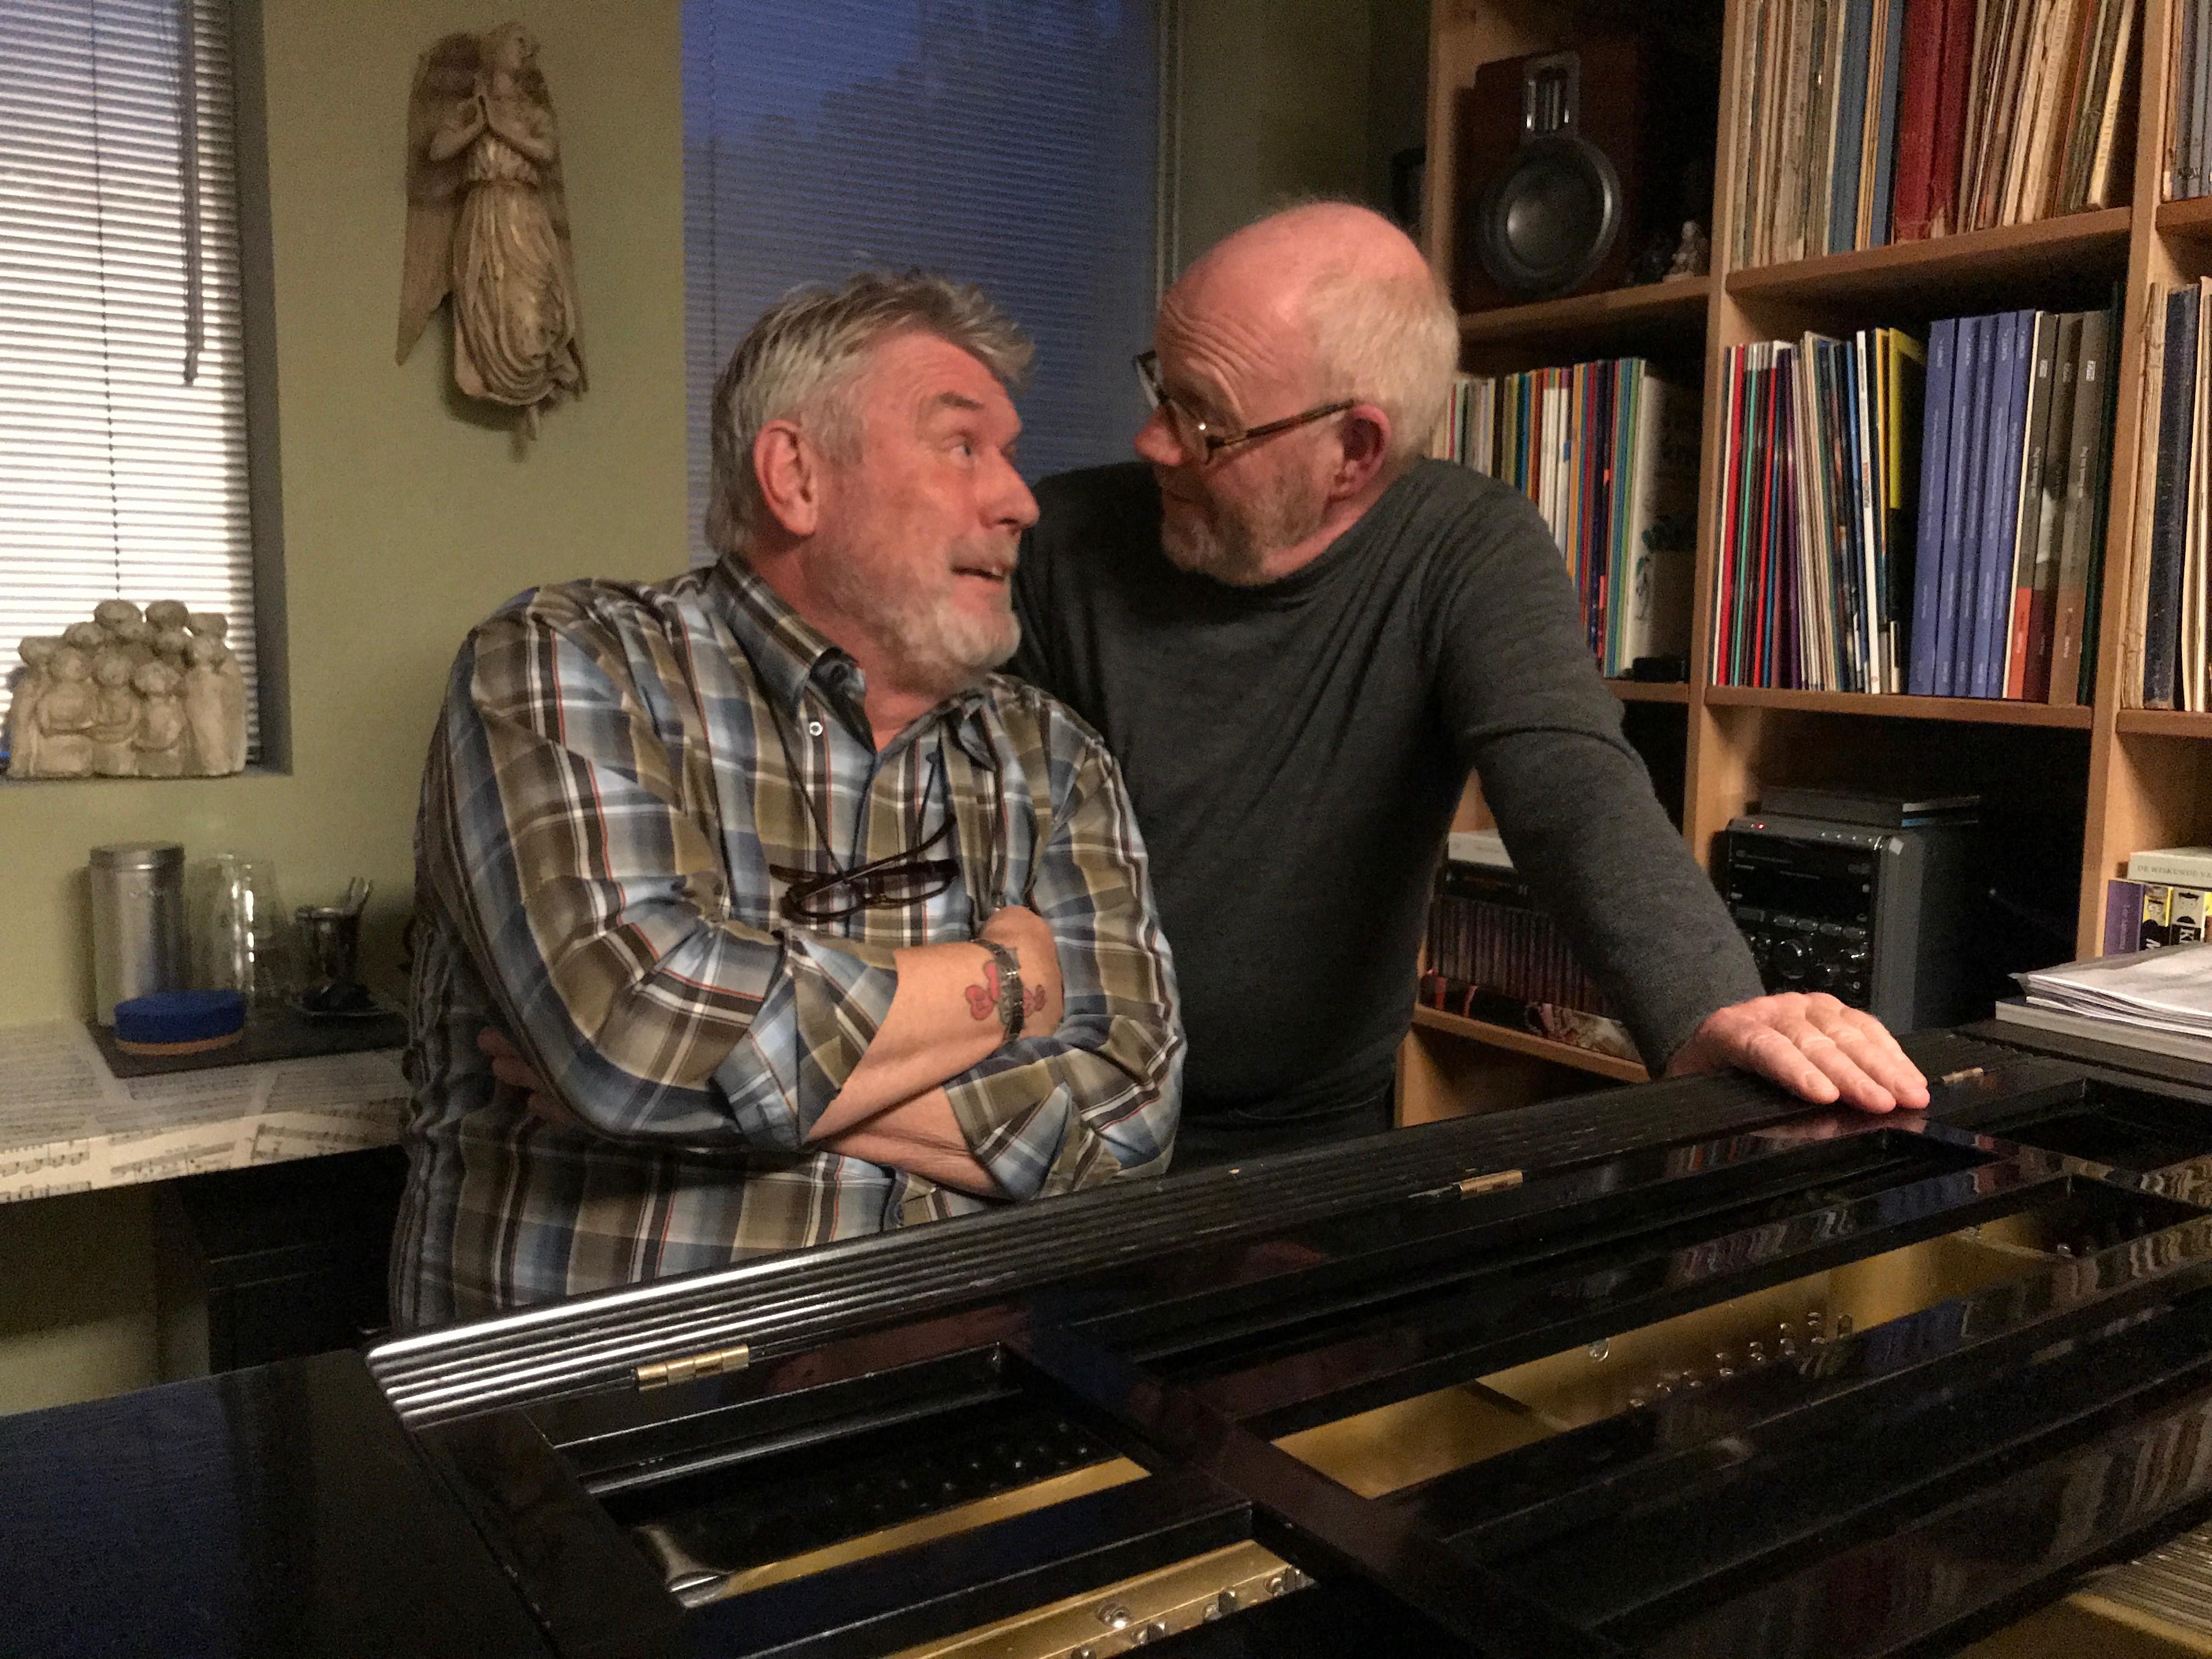 Zanger Wieger Boer en pianist Hans Weenink ondernemen in Het Pakhuis een zoektocht naar de liefde. (Foto: aangeleverd)